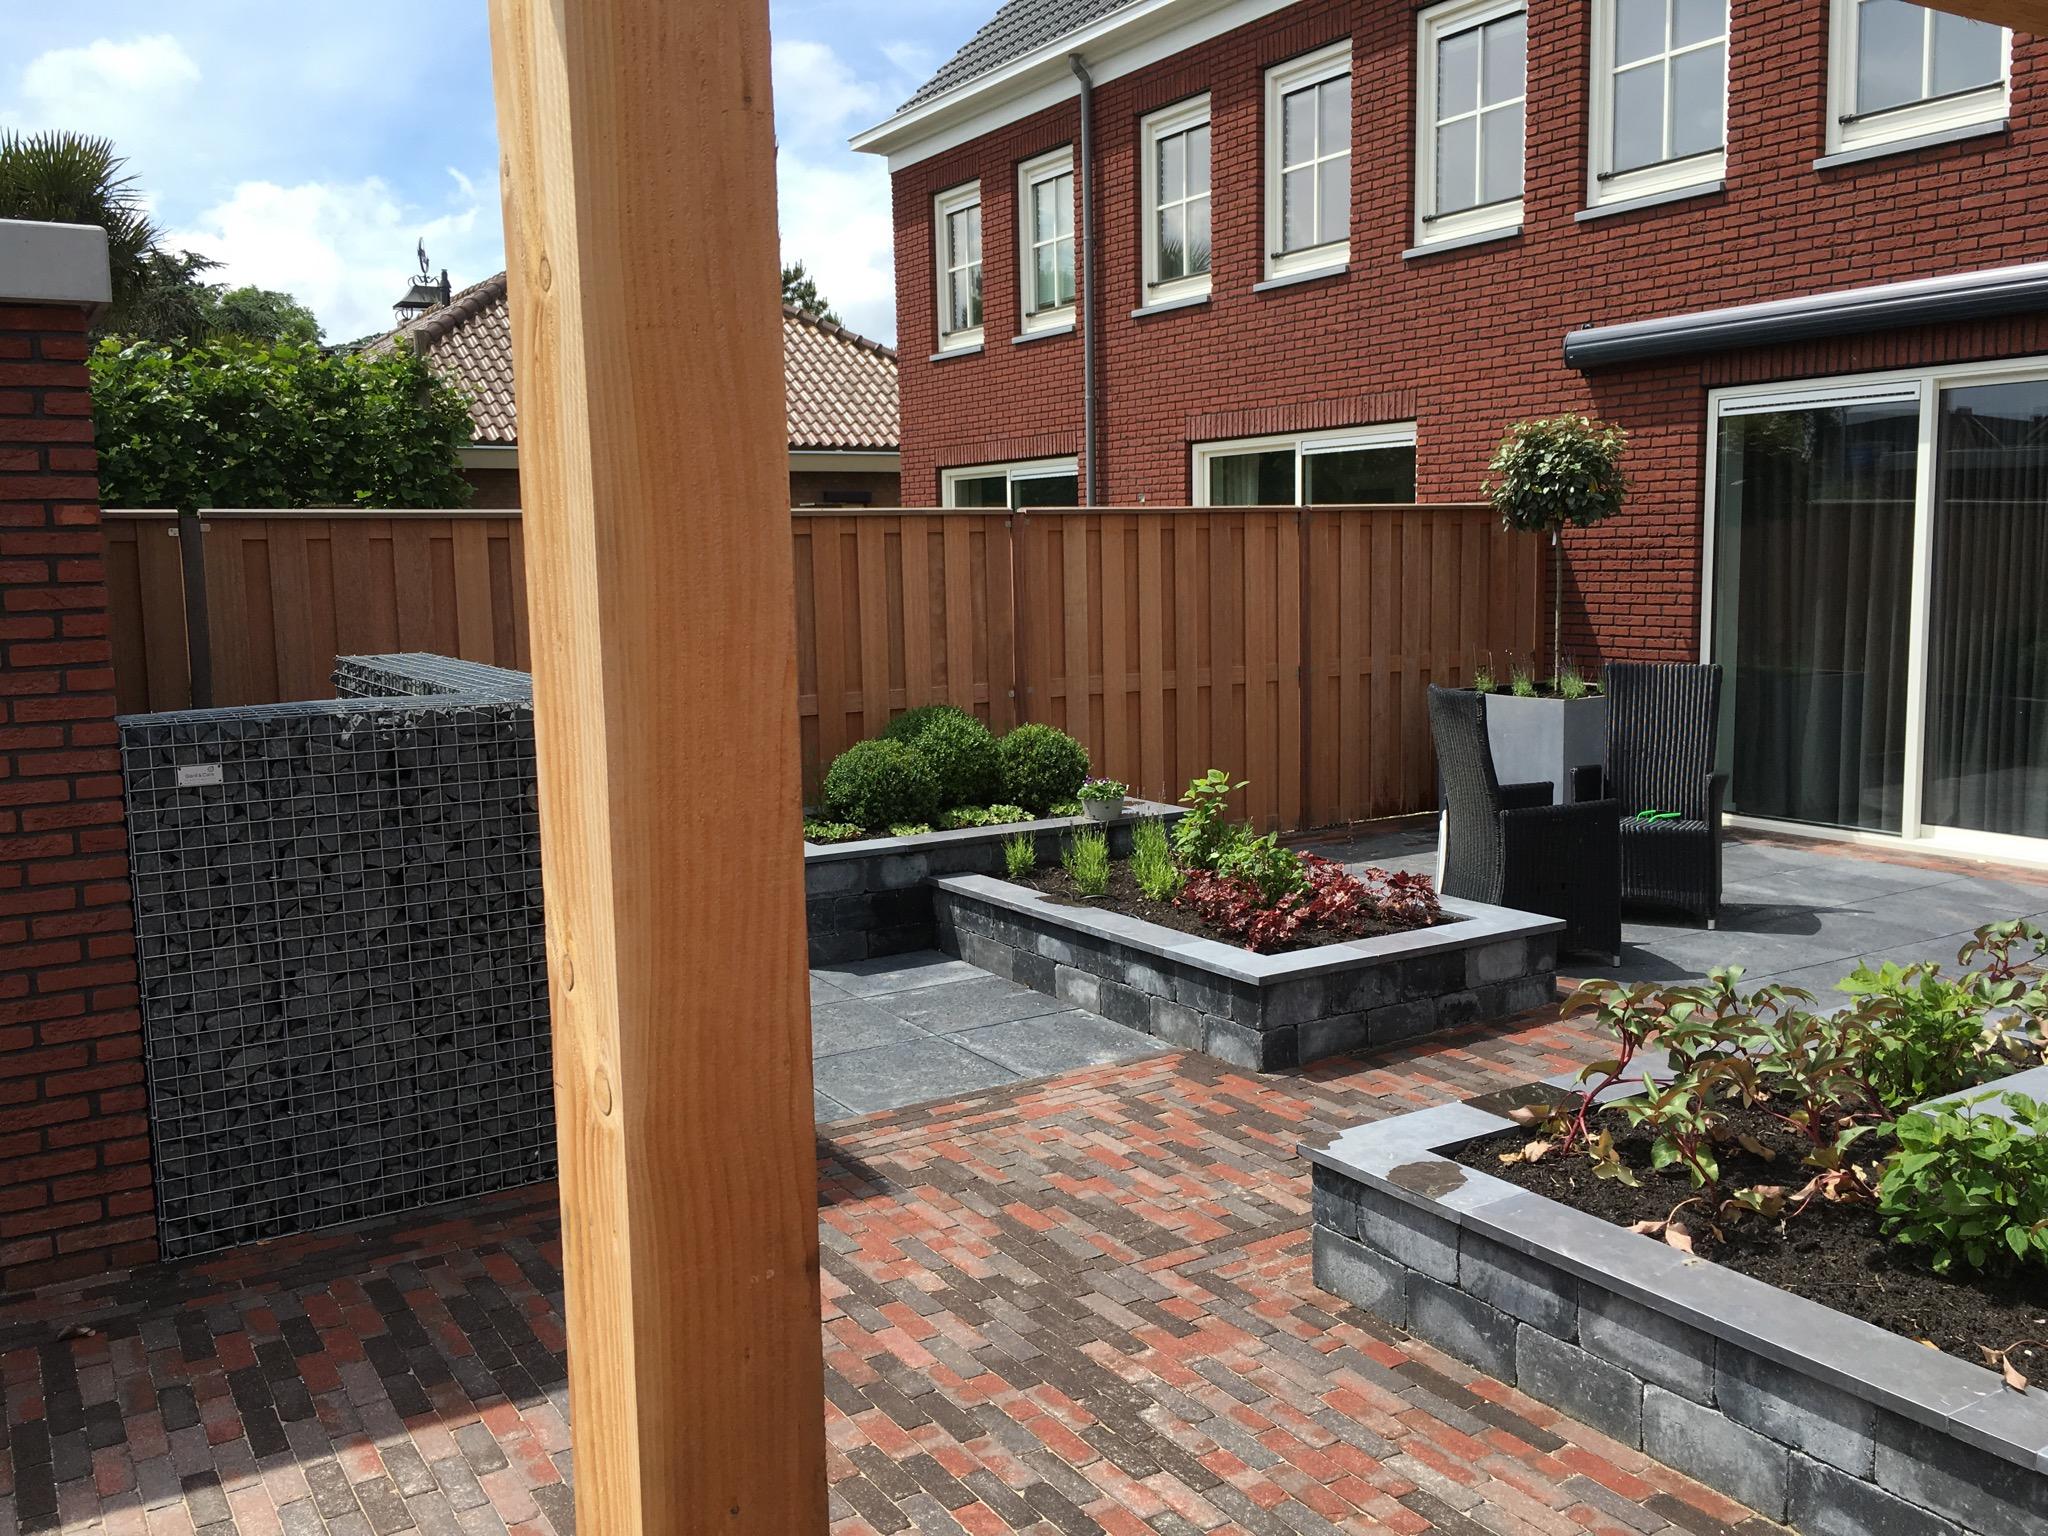 Van der weiden hoveniers nieuwe tuinen en tuin renovatie for Eigenhuis en tuin gemist